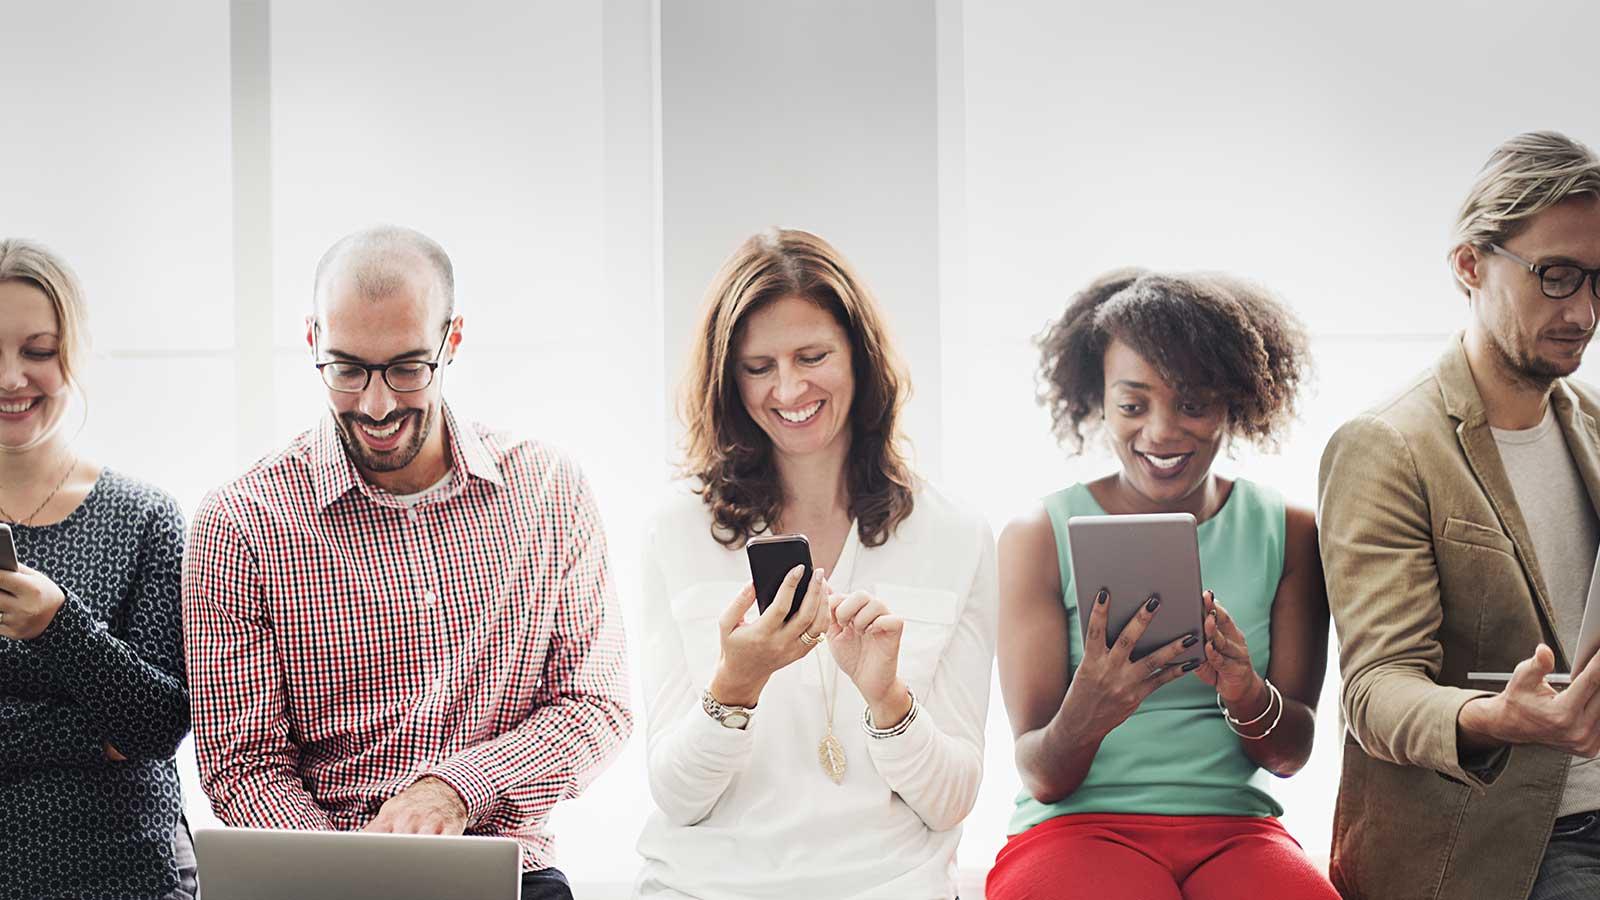 Vorteile auf einen Blick: HR-Digitalisierung für HR Teams und Mitarbeiter